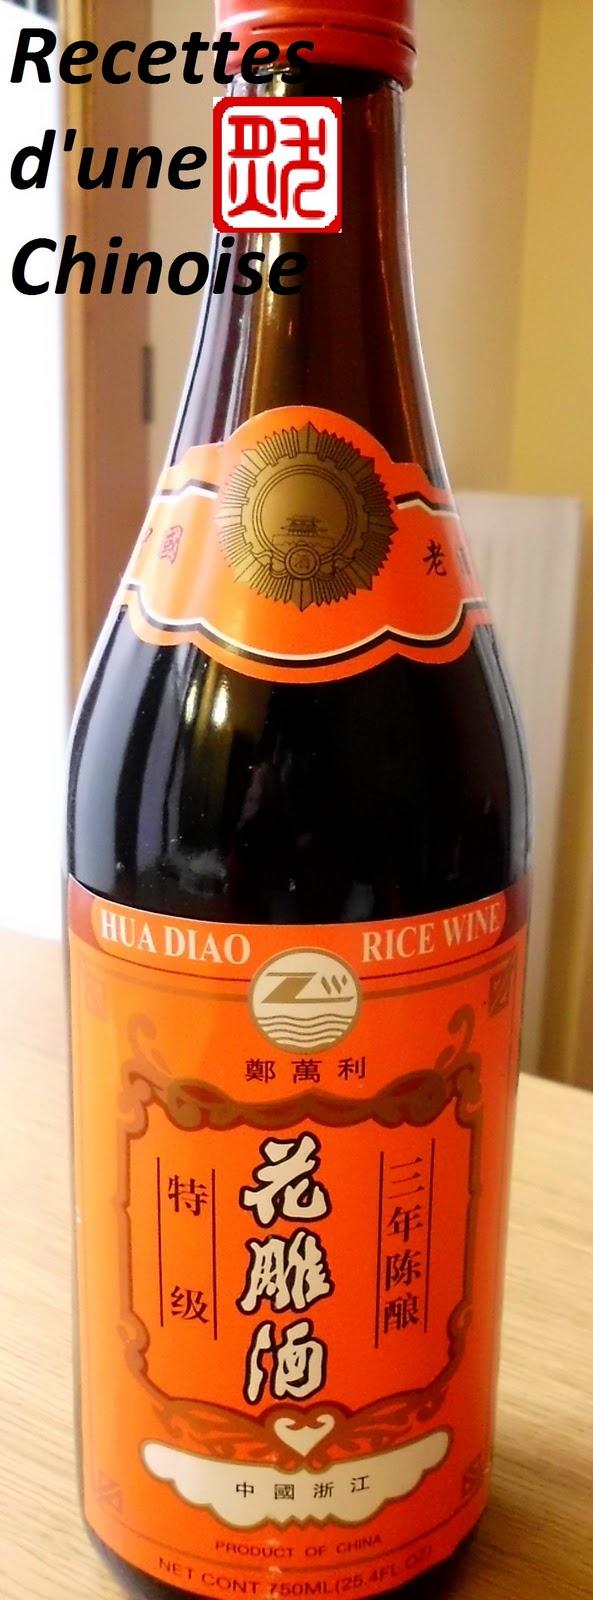 Recettes d 39 une chinoise vin jaune chinois li oji - Par quoi remplacer le vin jaune en cuisine ...